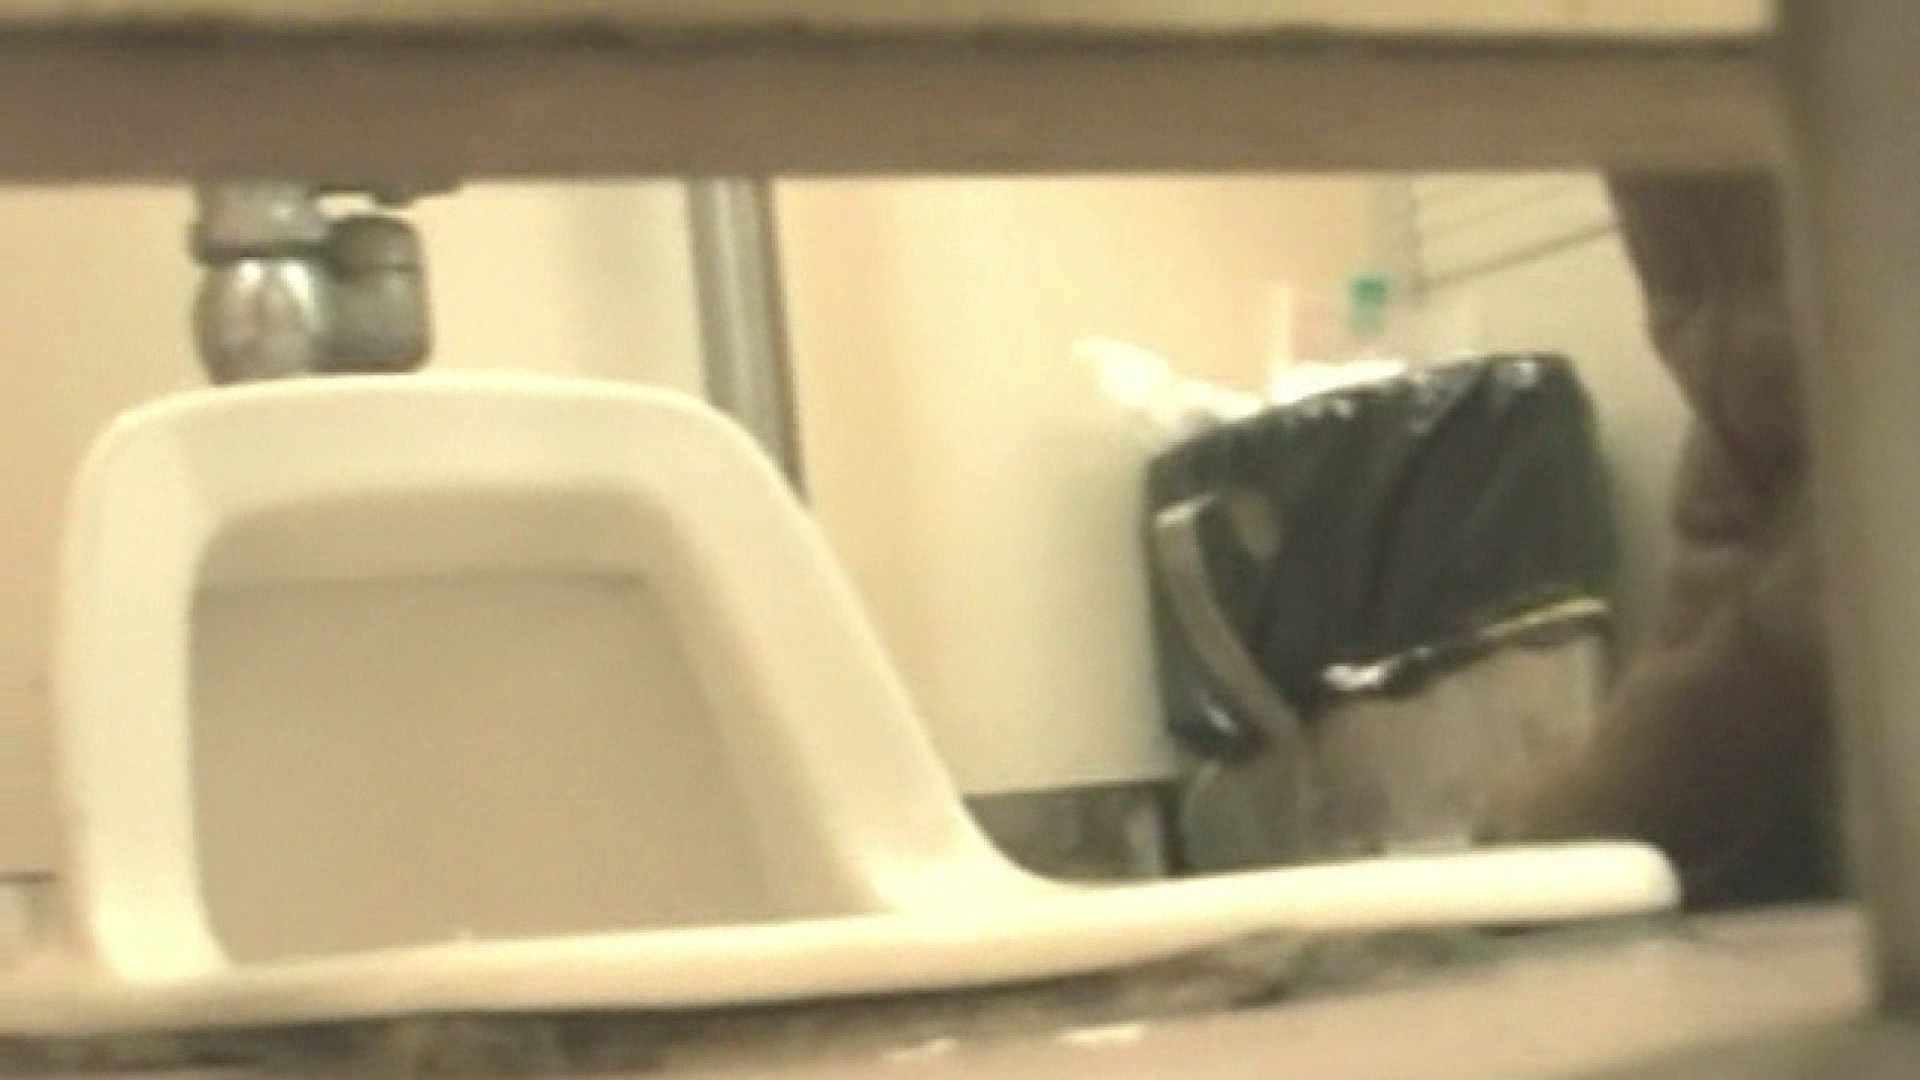 ロックハンドさんの盗撮記録File.47 無修正オマンコ 性交動画流出 100画像 92